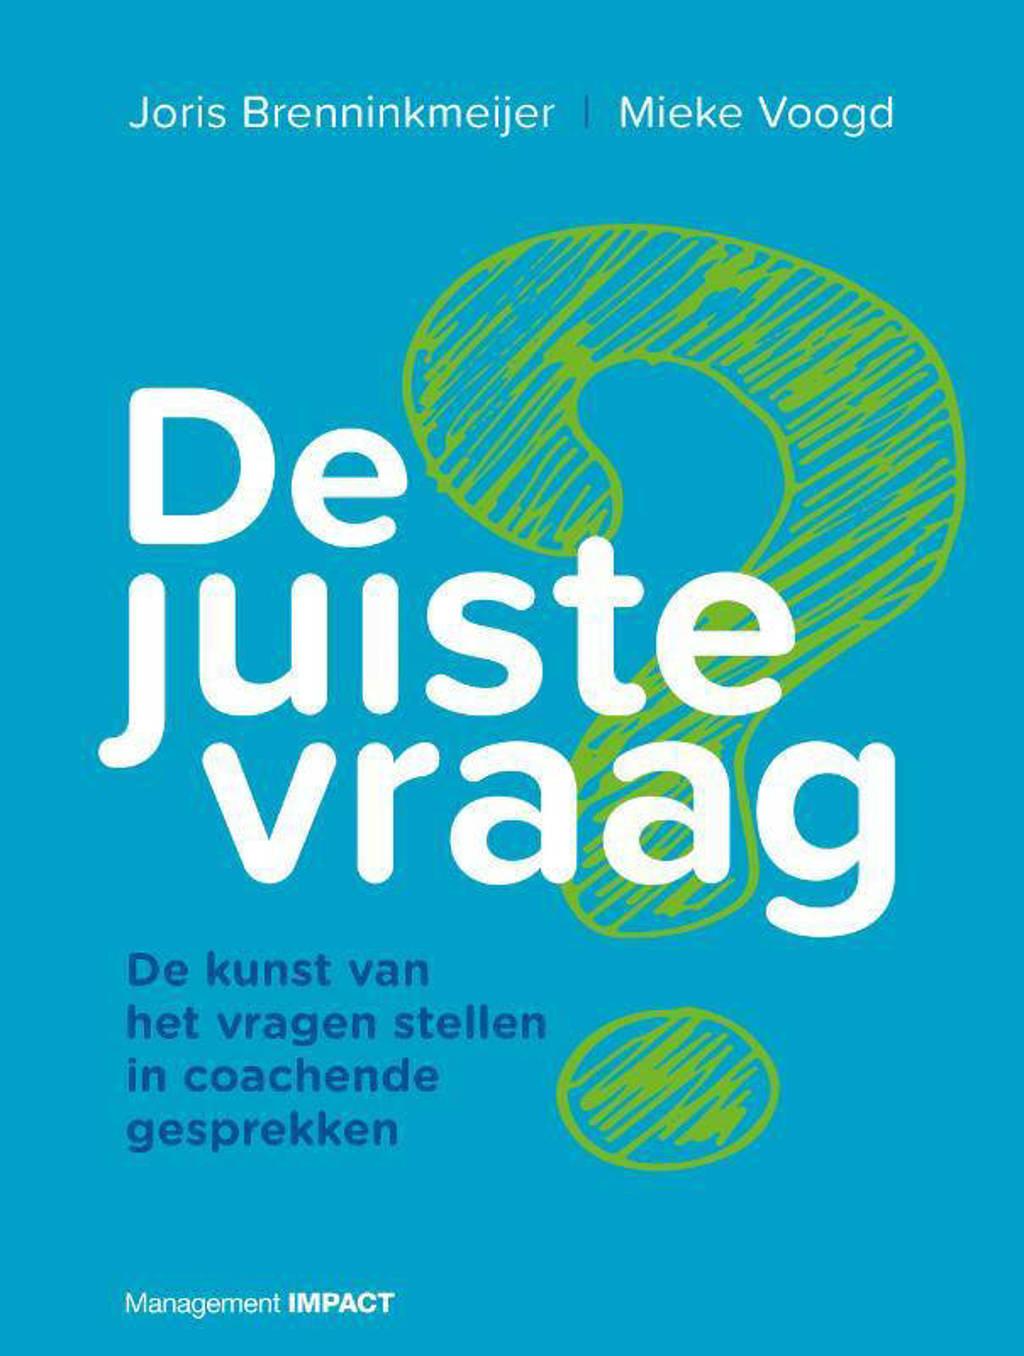 De juiste vraag - Joris Brenninkmeijer en Mieke Voogd